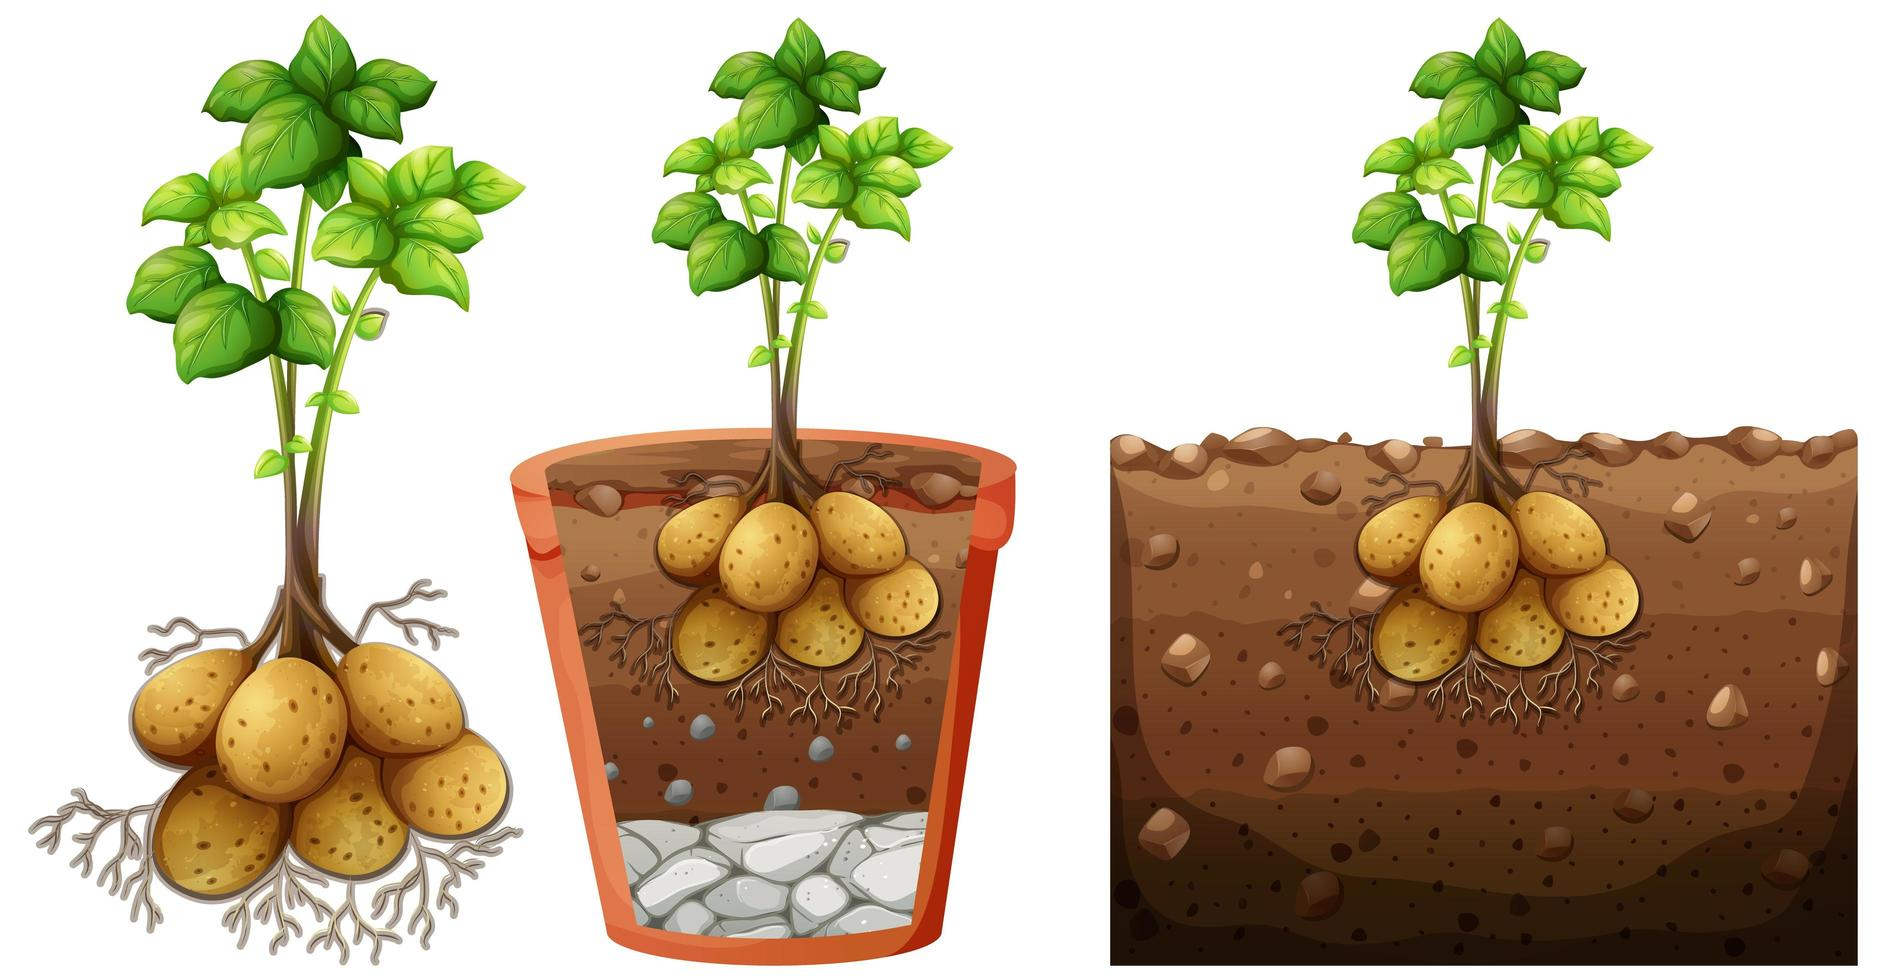 Satz Kartoffelpflanze mit Wurzeln lokalisiert auf weißem Hintergrund vektor